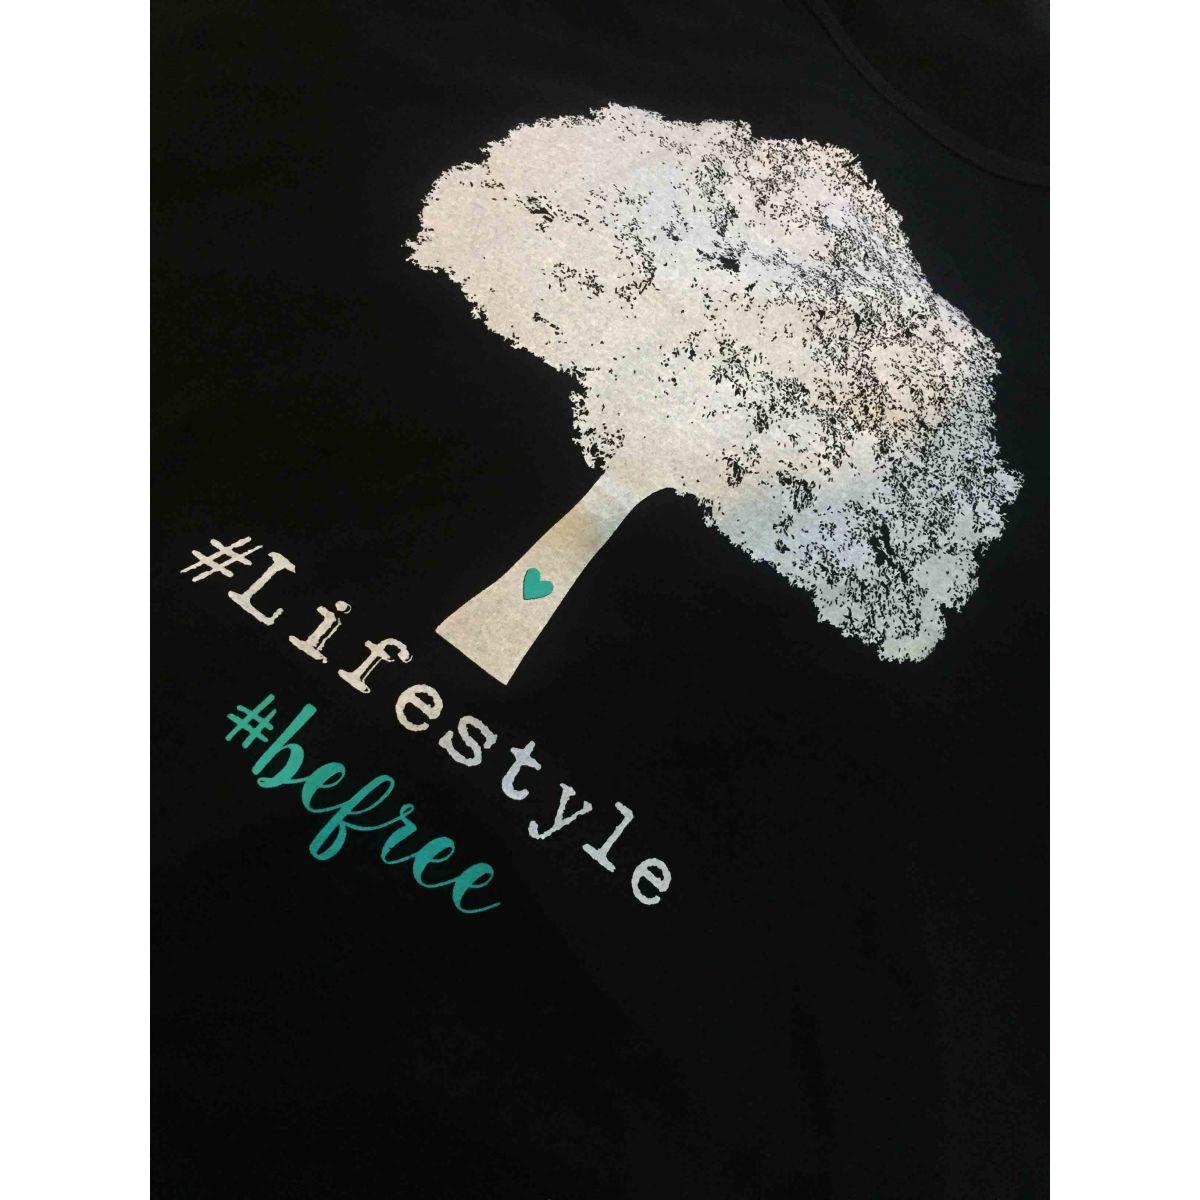 T-shirt Modelo Be Free (100% viscose) - Coleção Família para Sempre / JuJu Scrapbook  - JuJu Scrapbook